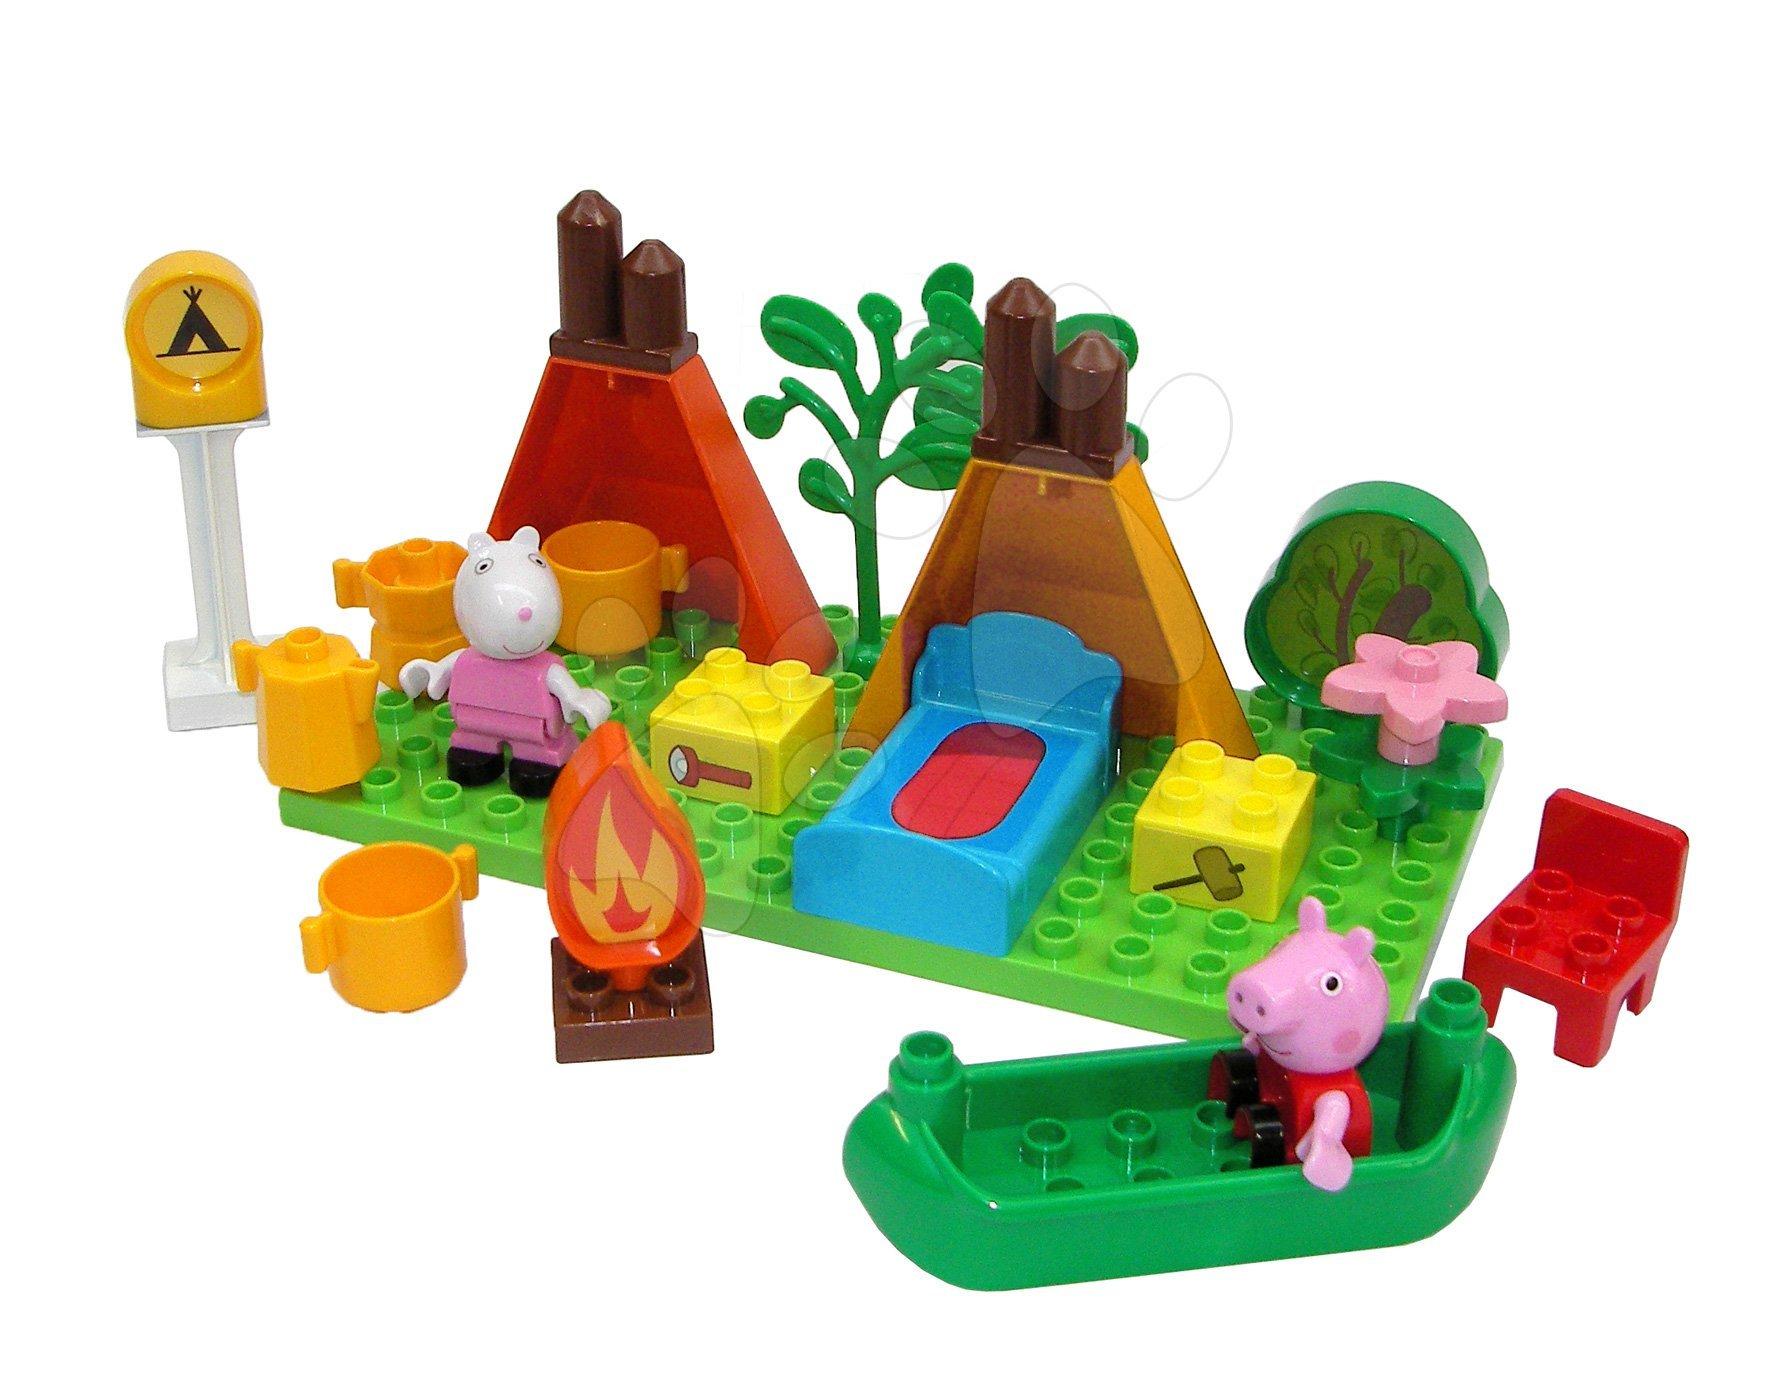 Stavebnica Peppa Pig Camping set PlayBIG Bloxx BIG 25 dielov v prírode s 2 figúrkami od 1,5-5 rokov